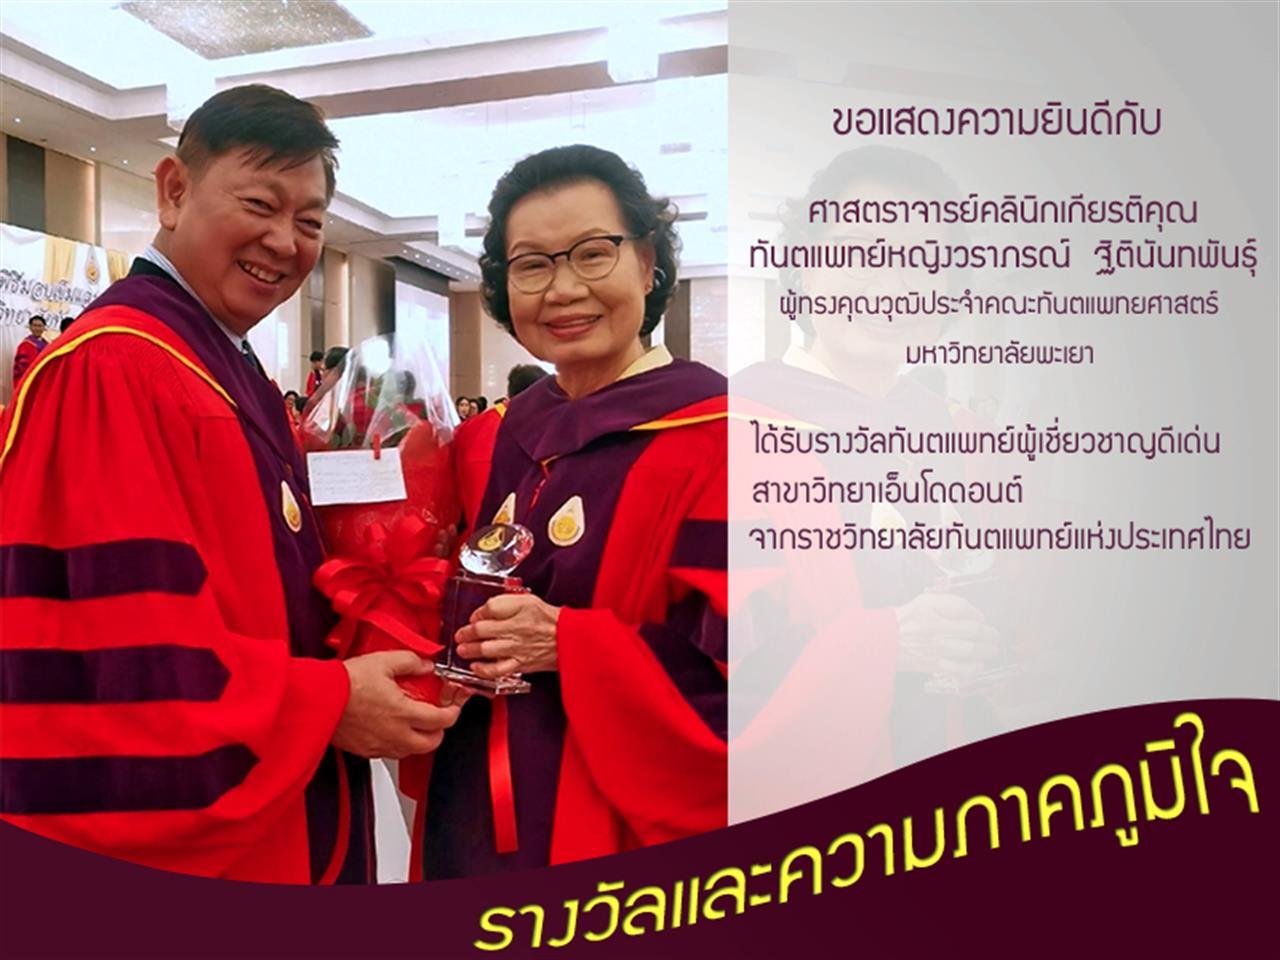 ผู้ทรงคุณวุฒิประจำคณะทันตแพทยศาสตร์,ได้รับรางวัลทันตแพทย์ผู้เชี่ยวชาญดีเด่น,จากราชวิทยาลัยทันตแพทย์แห่งประเทศไทย